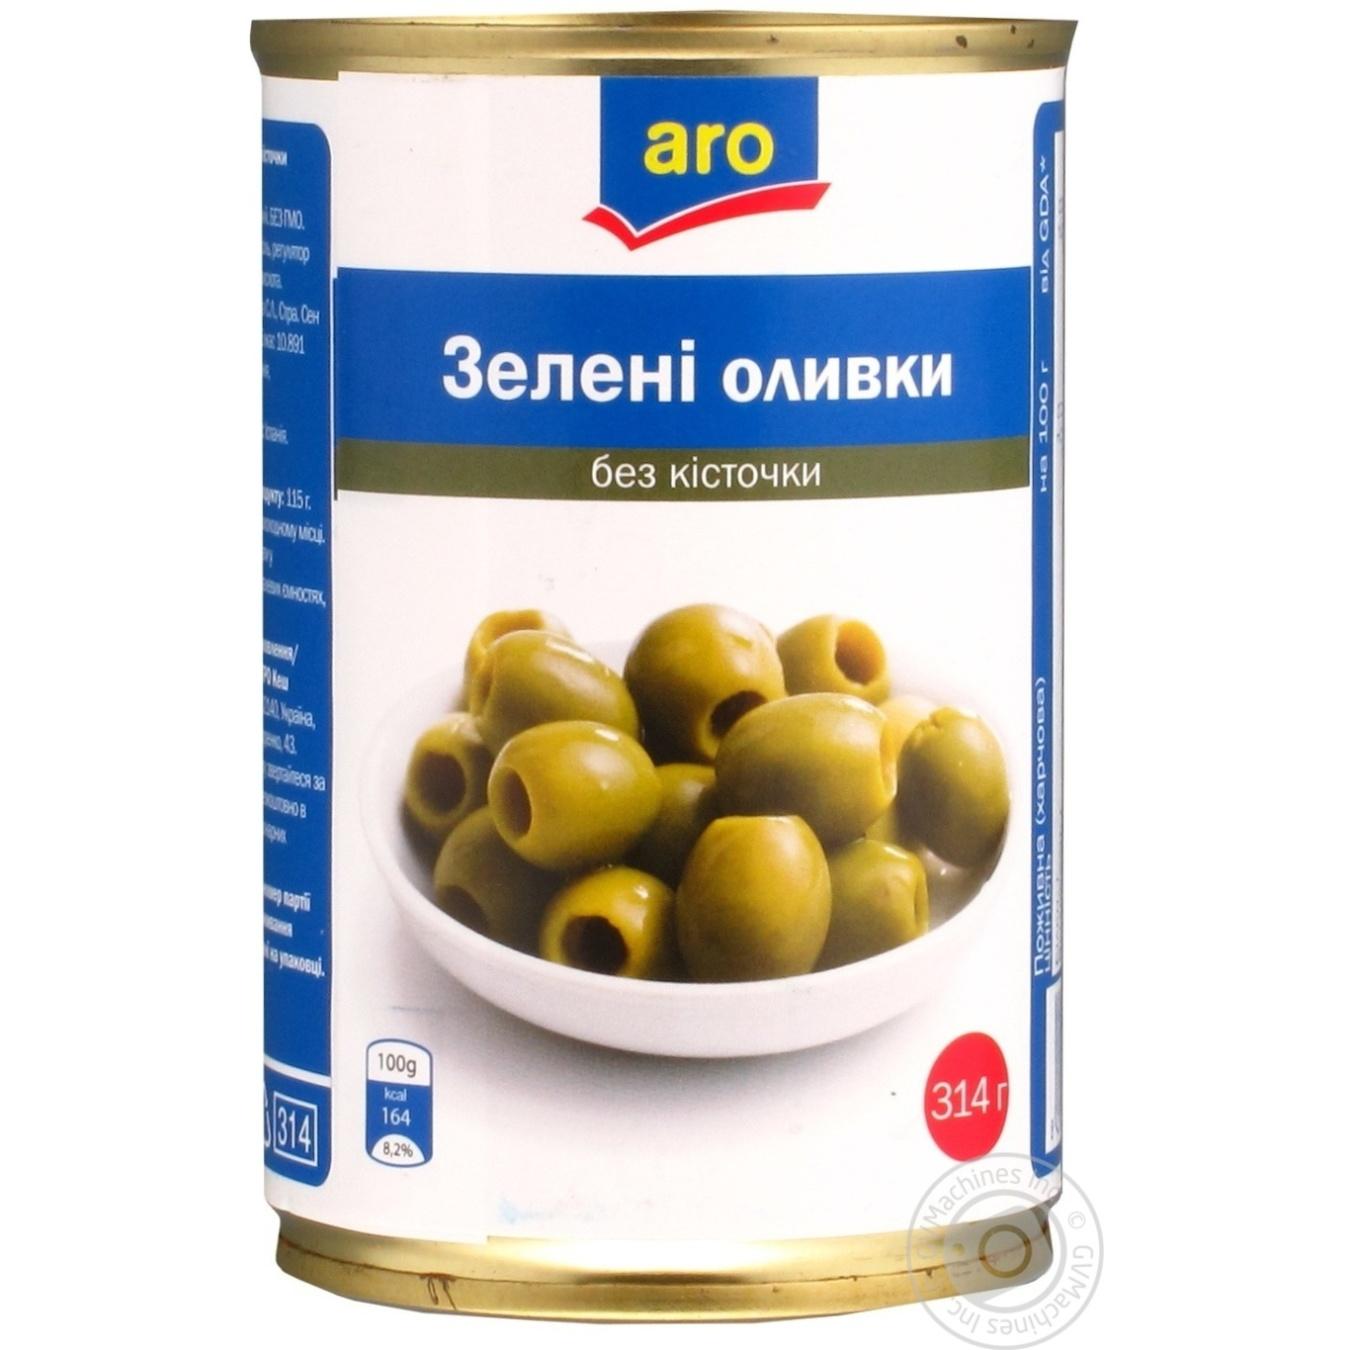 Оливки зеленые Aro без косточки 314г